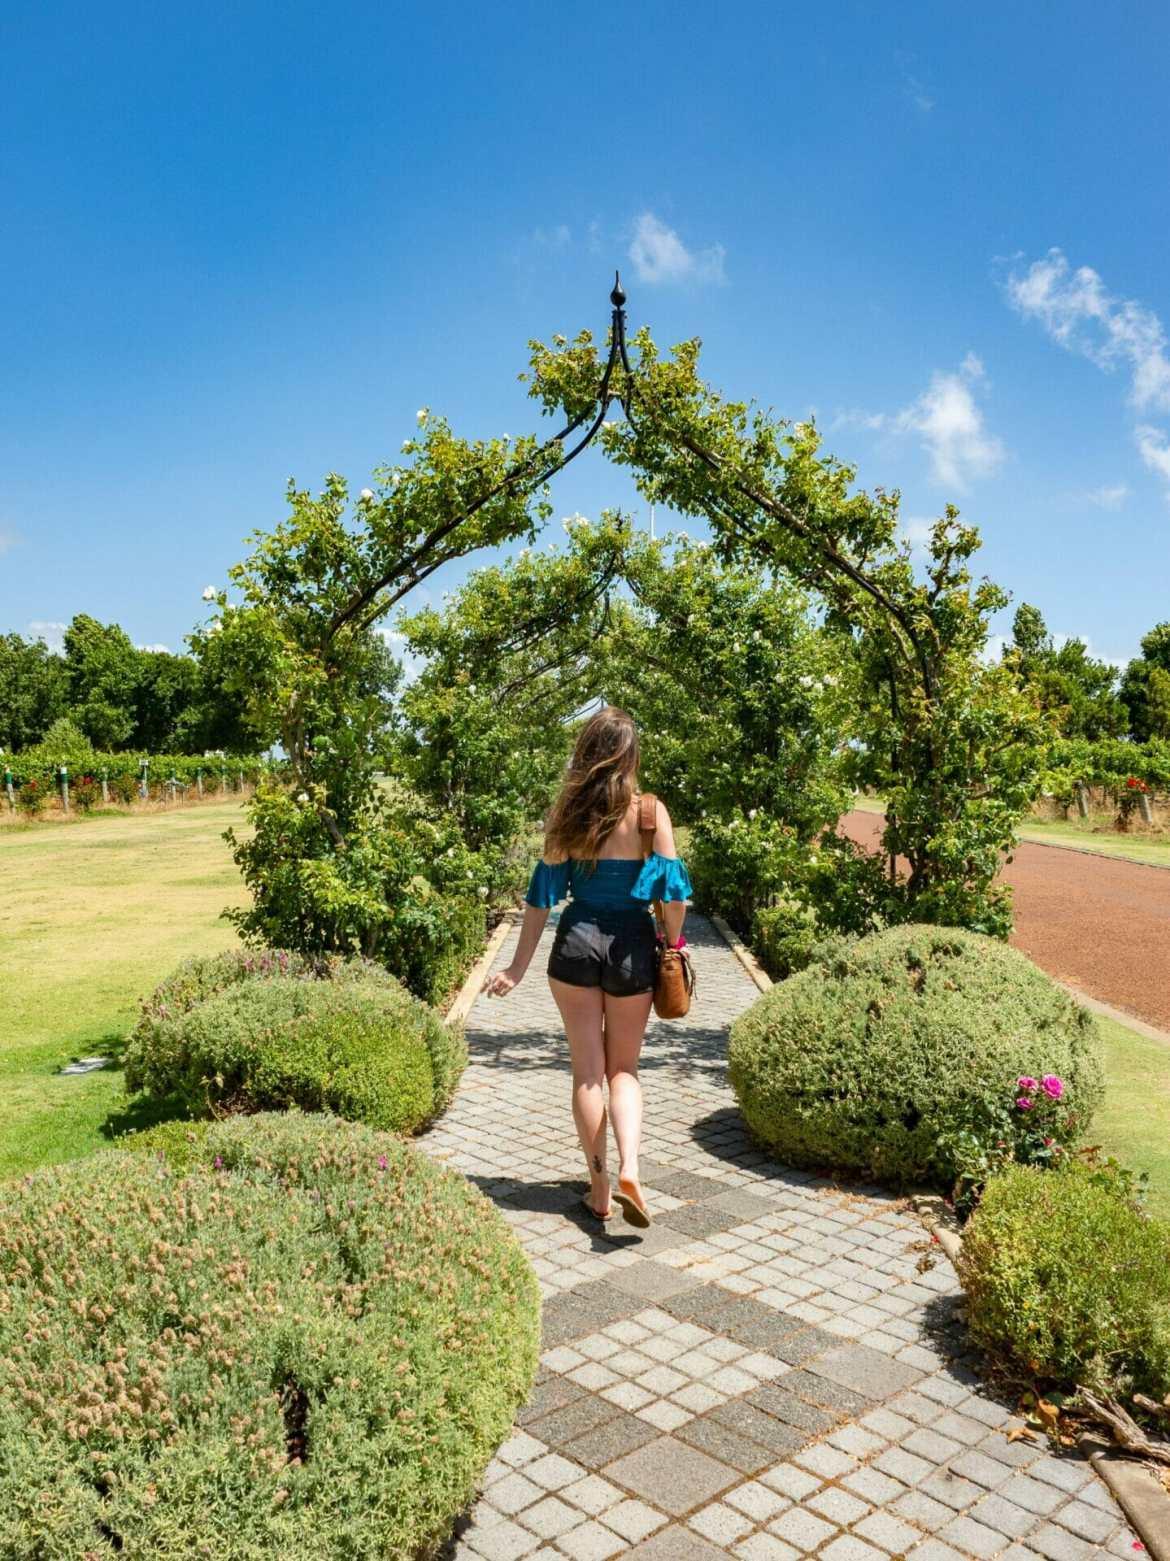 Woman walking in garden wine cellar door Margaret River